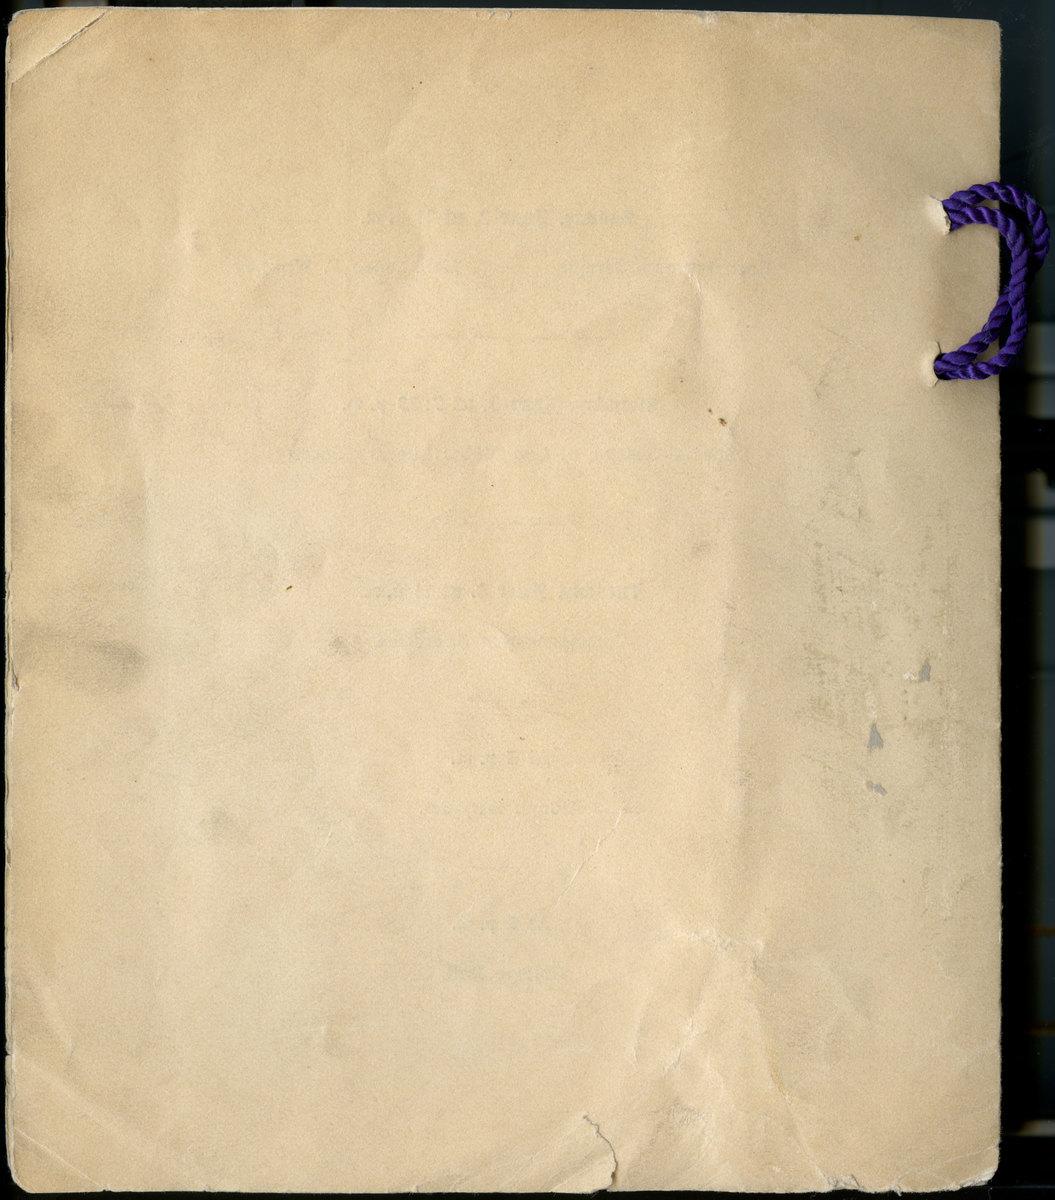 SCAUA13p02s01-1895-Invite-004_Final.jpg